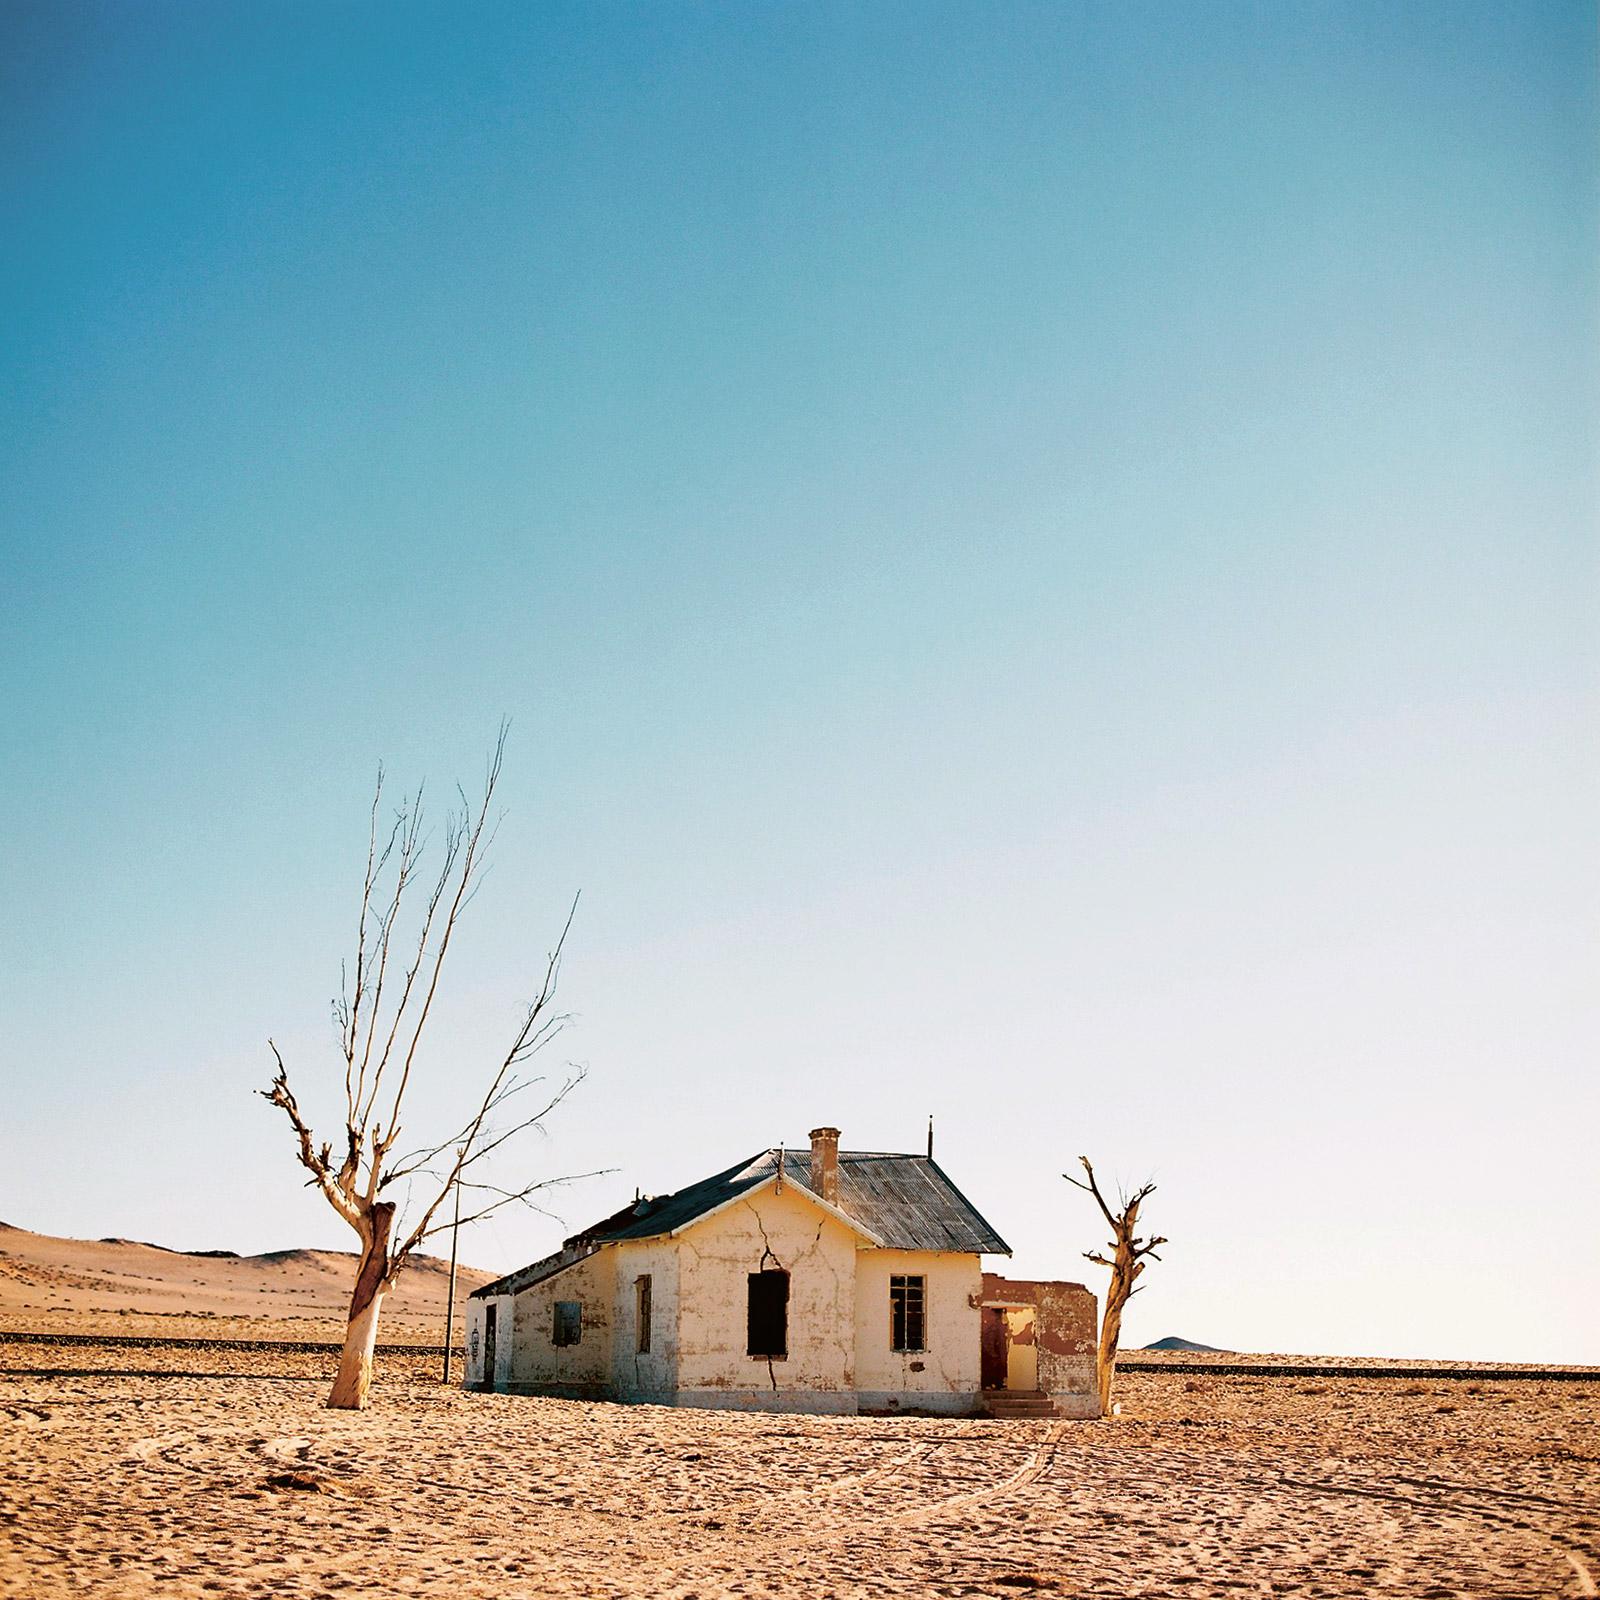 Ghost Town06 Kolmanshop Namibia 1015 Kevin Metallier